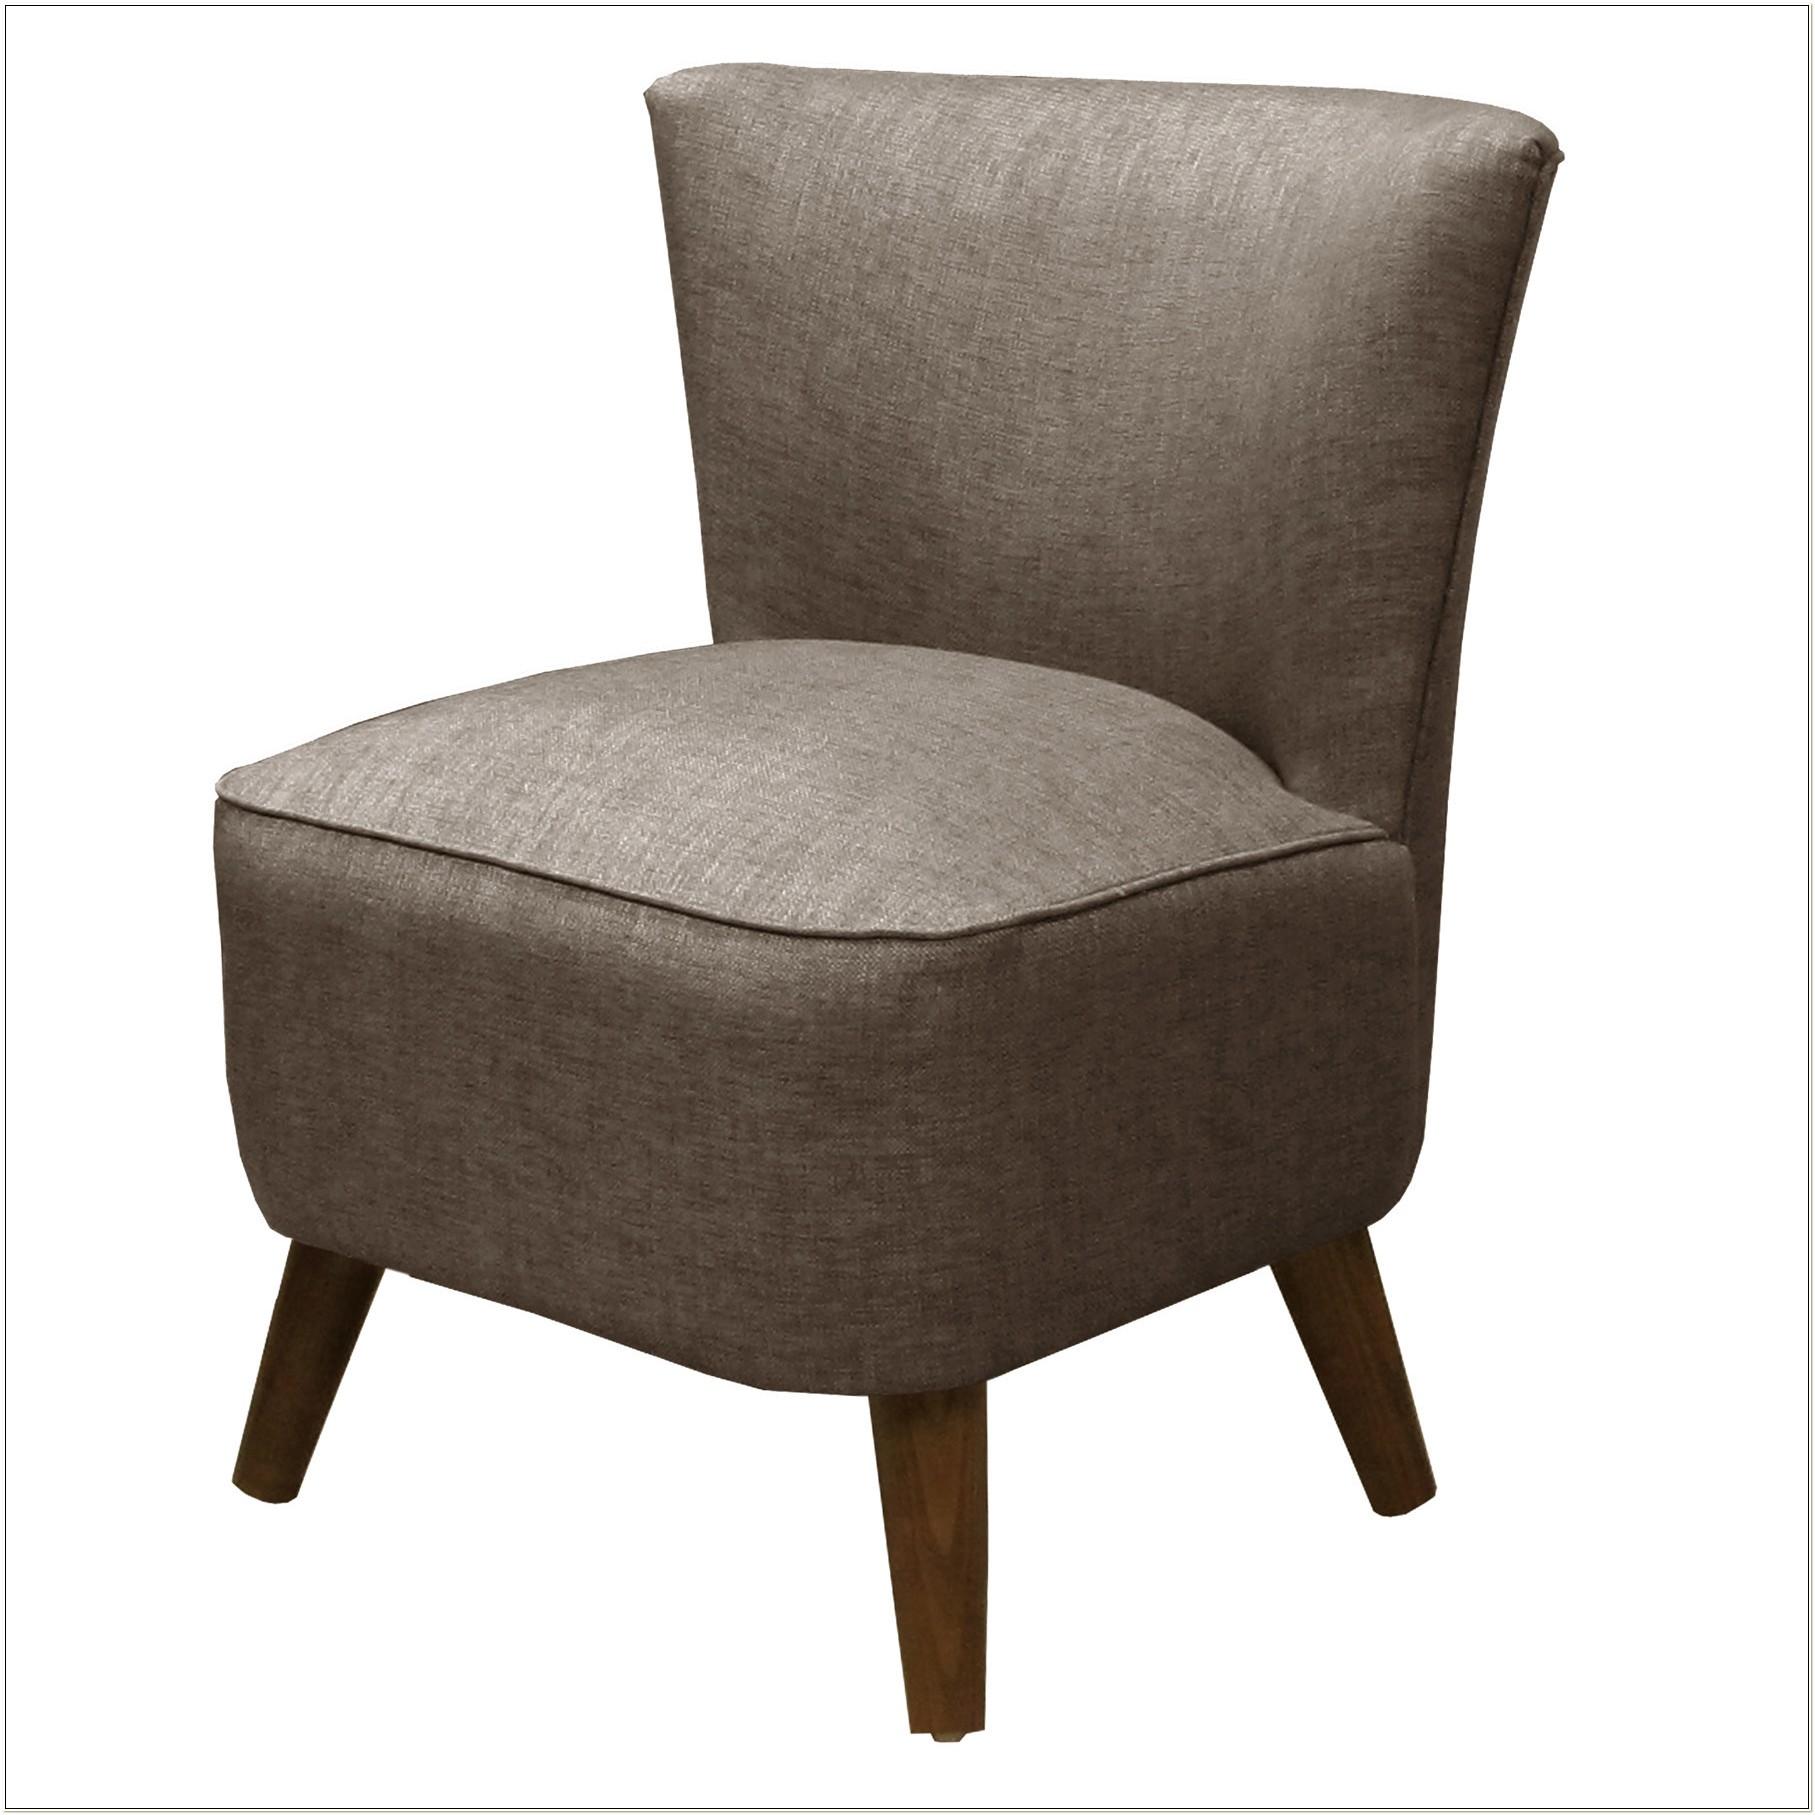 Skyline Furniture Mid Century Slipper Chair